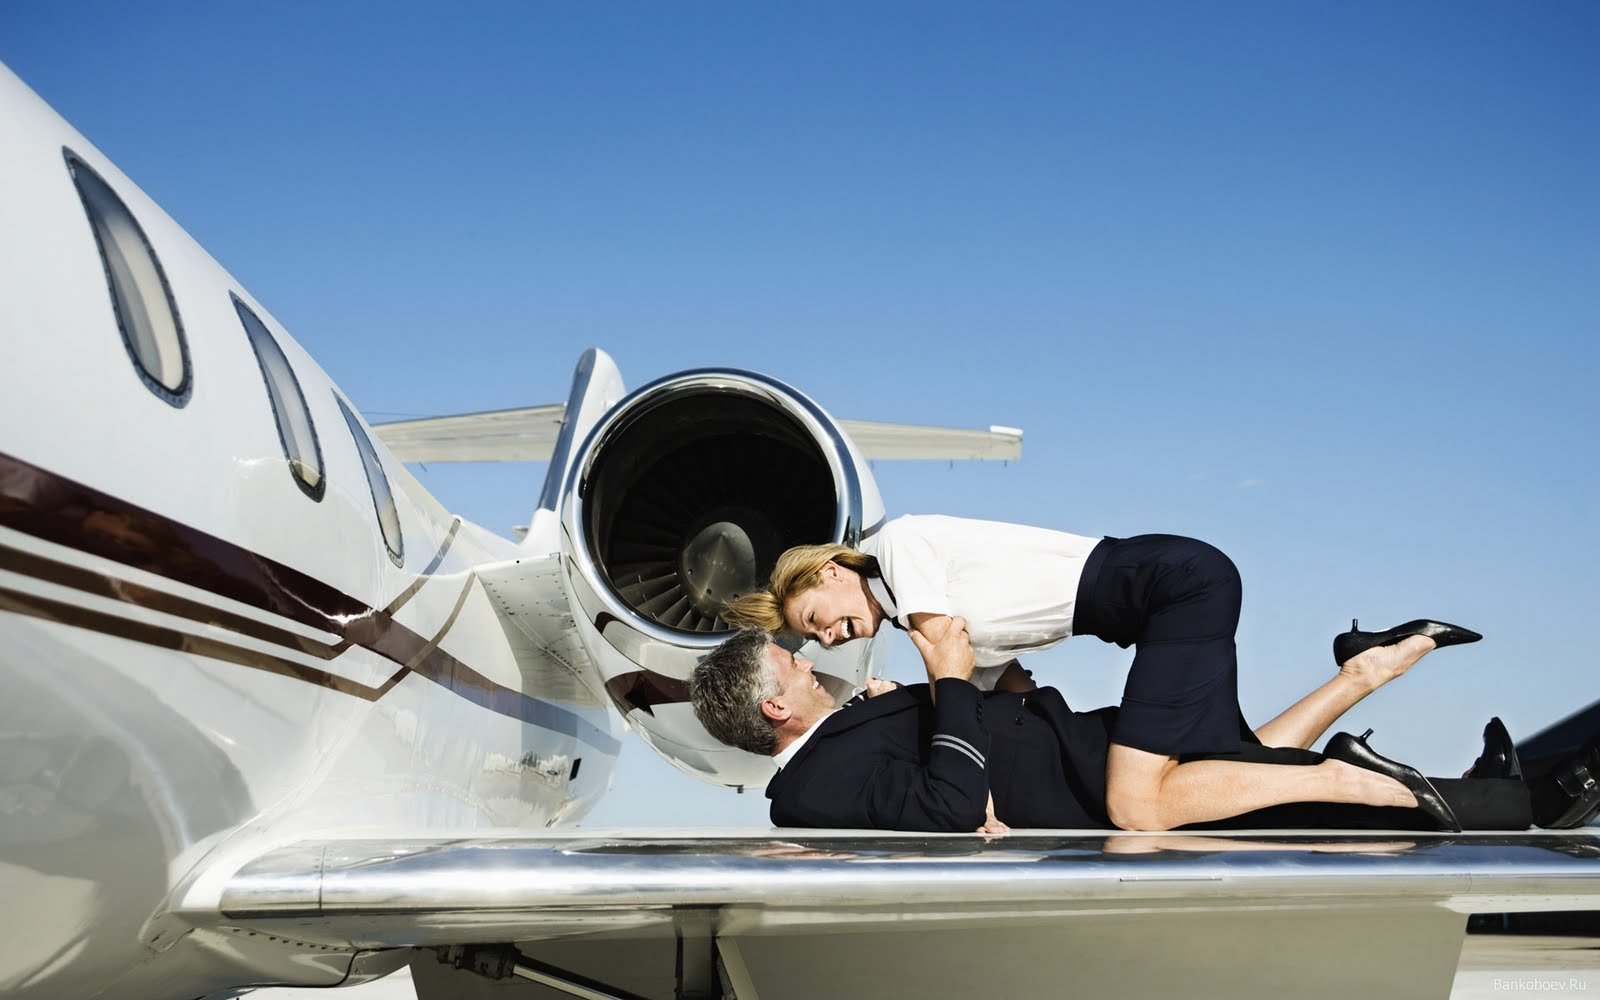 Ролик секс с стюардессой, Стюардессы Порно, смотреть видео Секс со 30 фотография